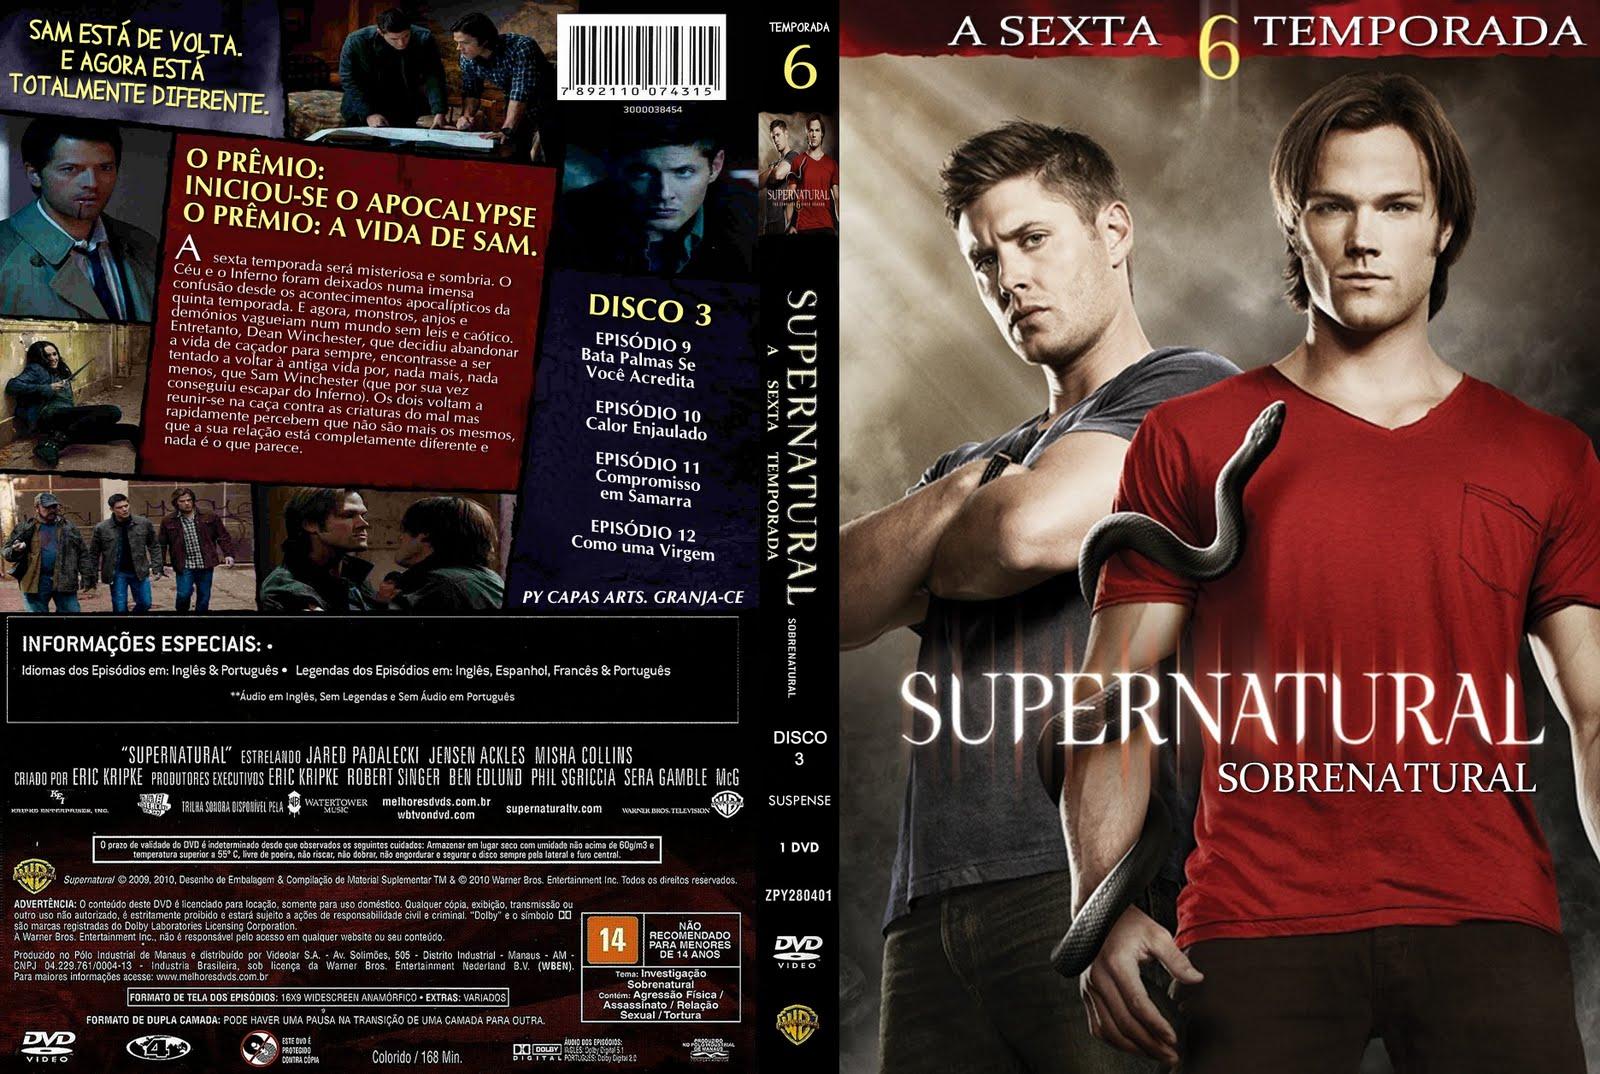 Poder torrent: supernatural 6° temporada dublado torrent 720p.